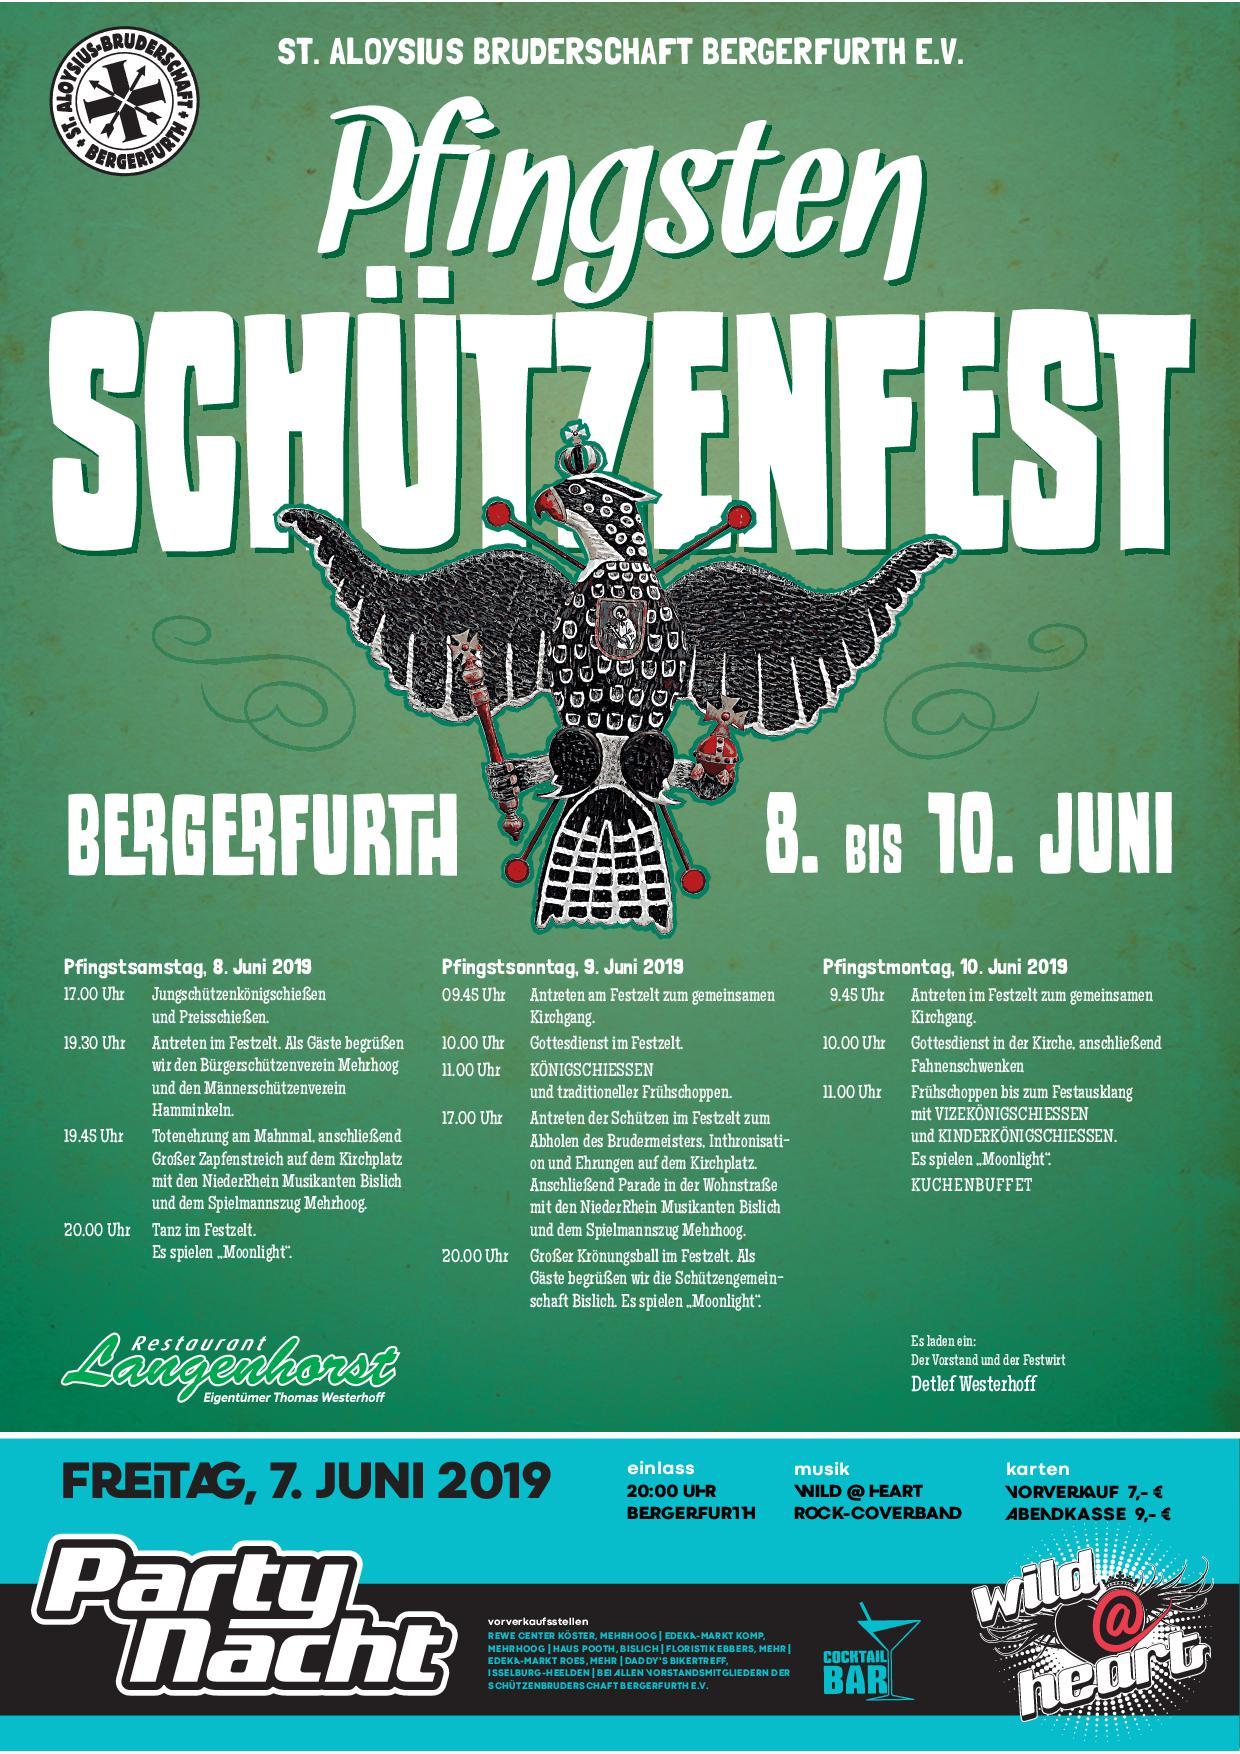 Schuetzenfest_2019_1.jpg